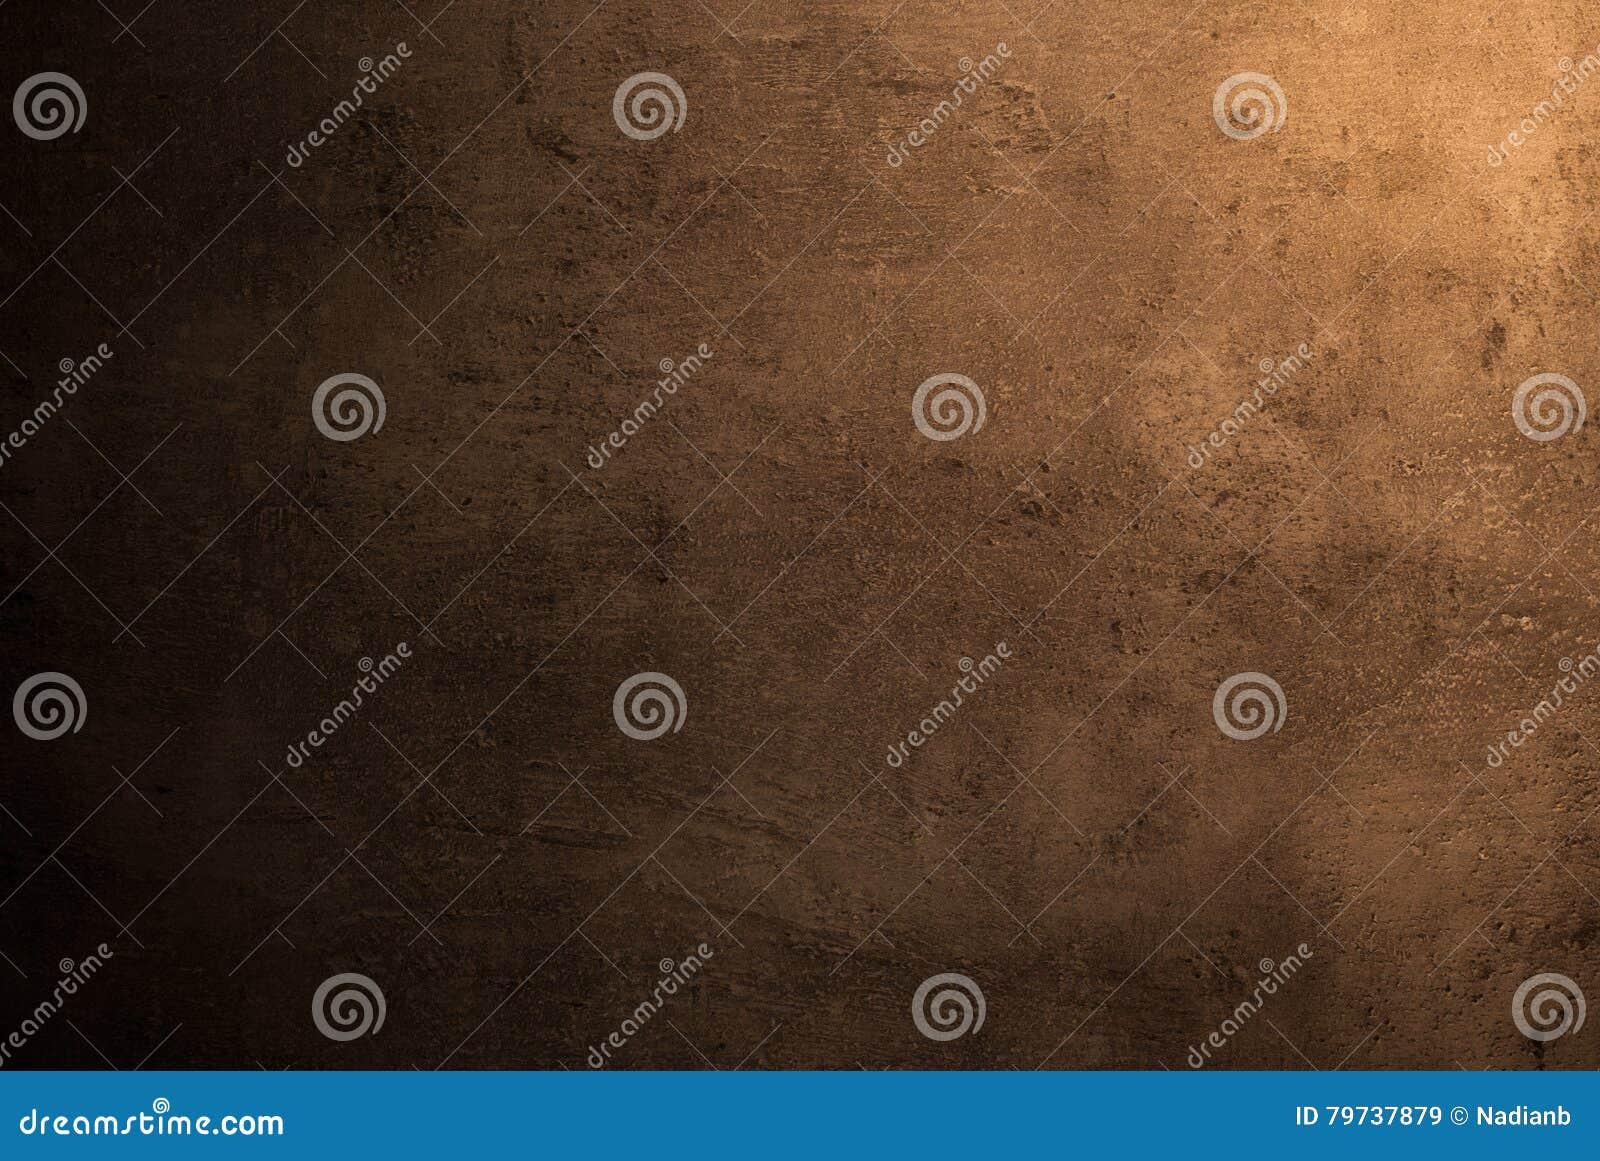 Textura marrón vacía de la superficie concreta